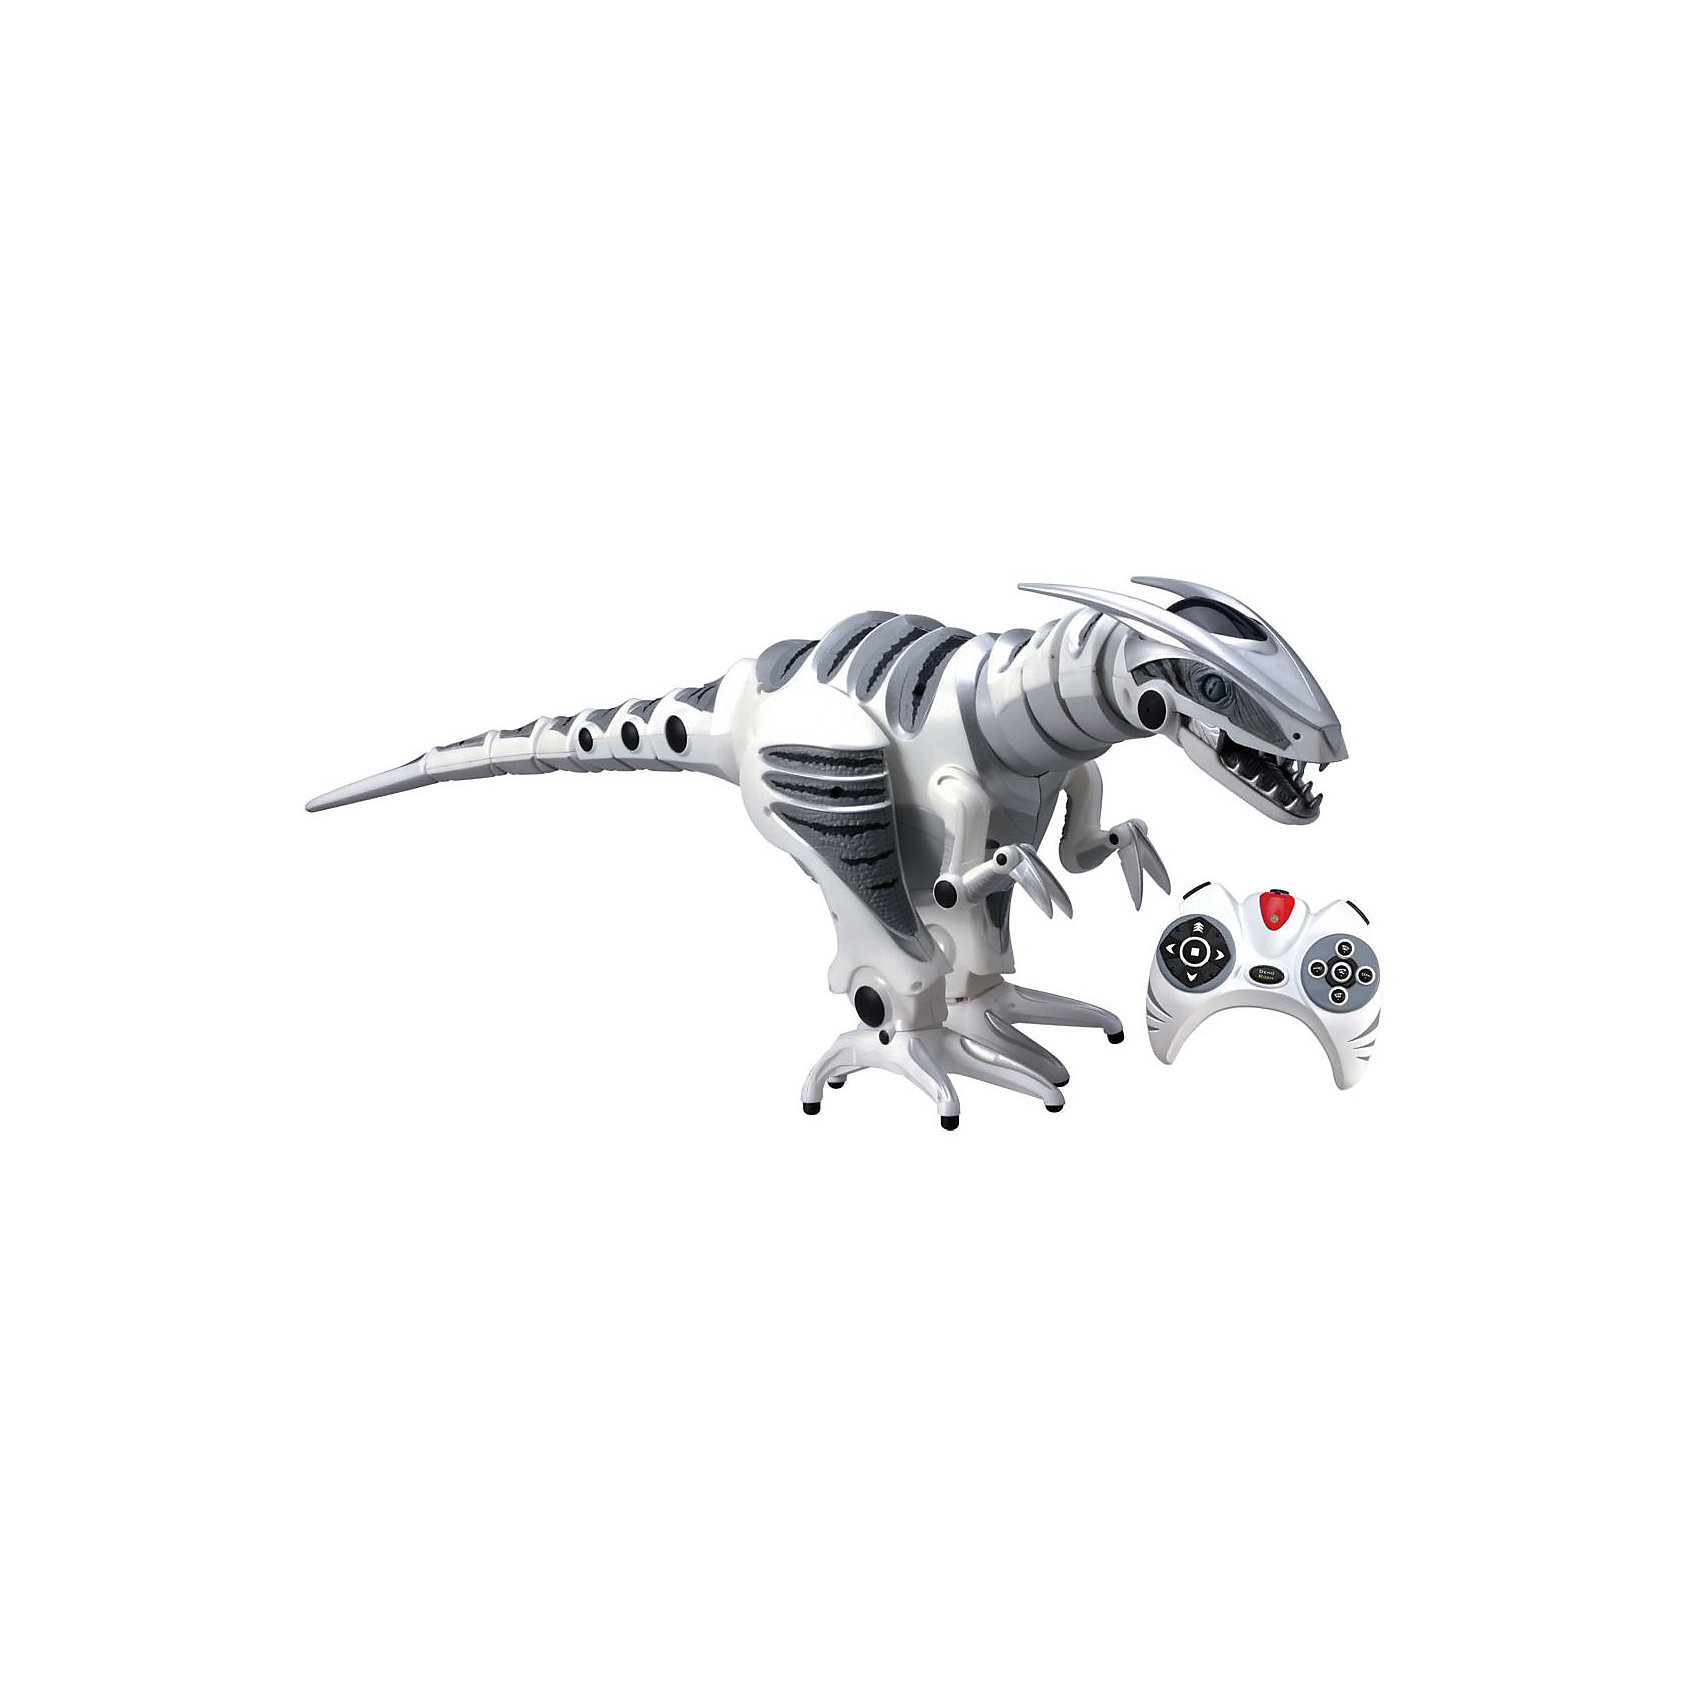 Робот - Динозавр 8095,  WowWee